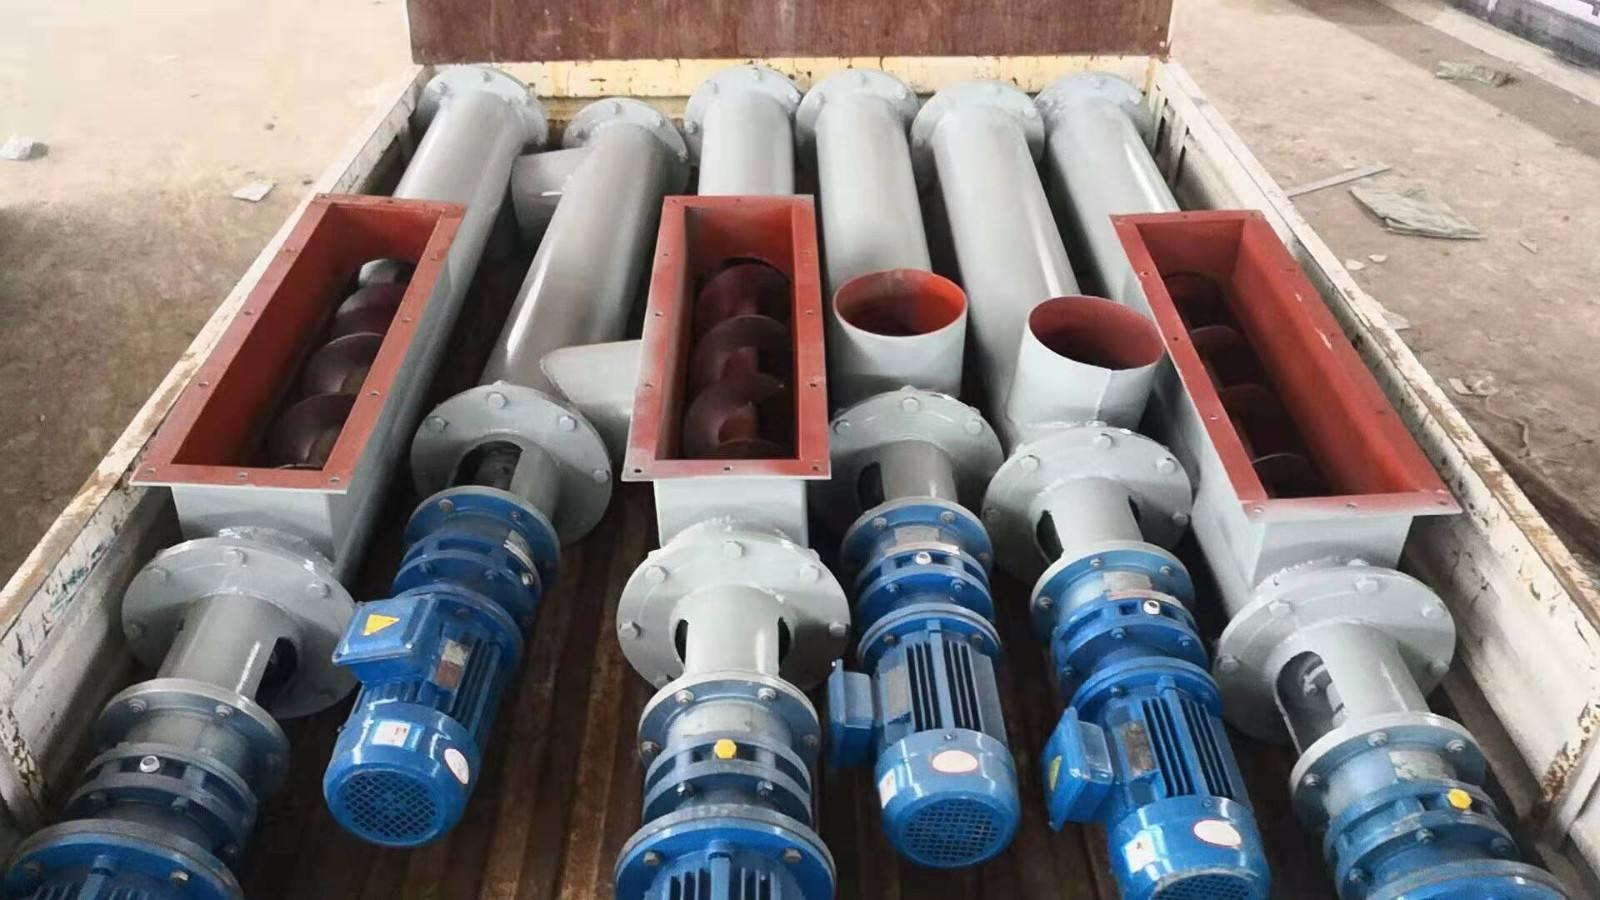 弱粘煤螺旋输送机-弱粘煤螺旋输送机安装-弱粘煤螺旋输送机厂家